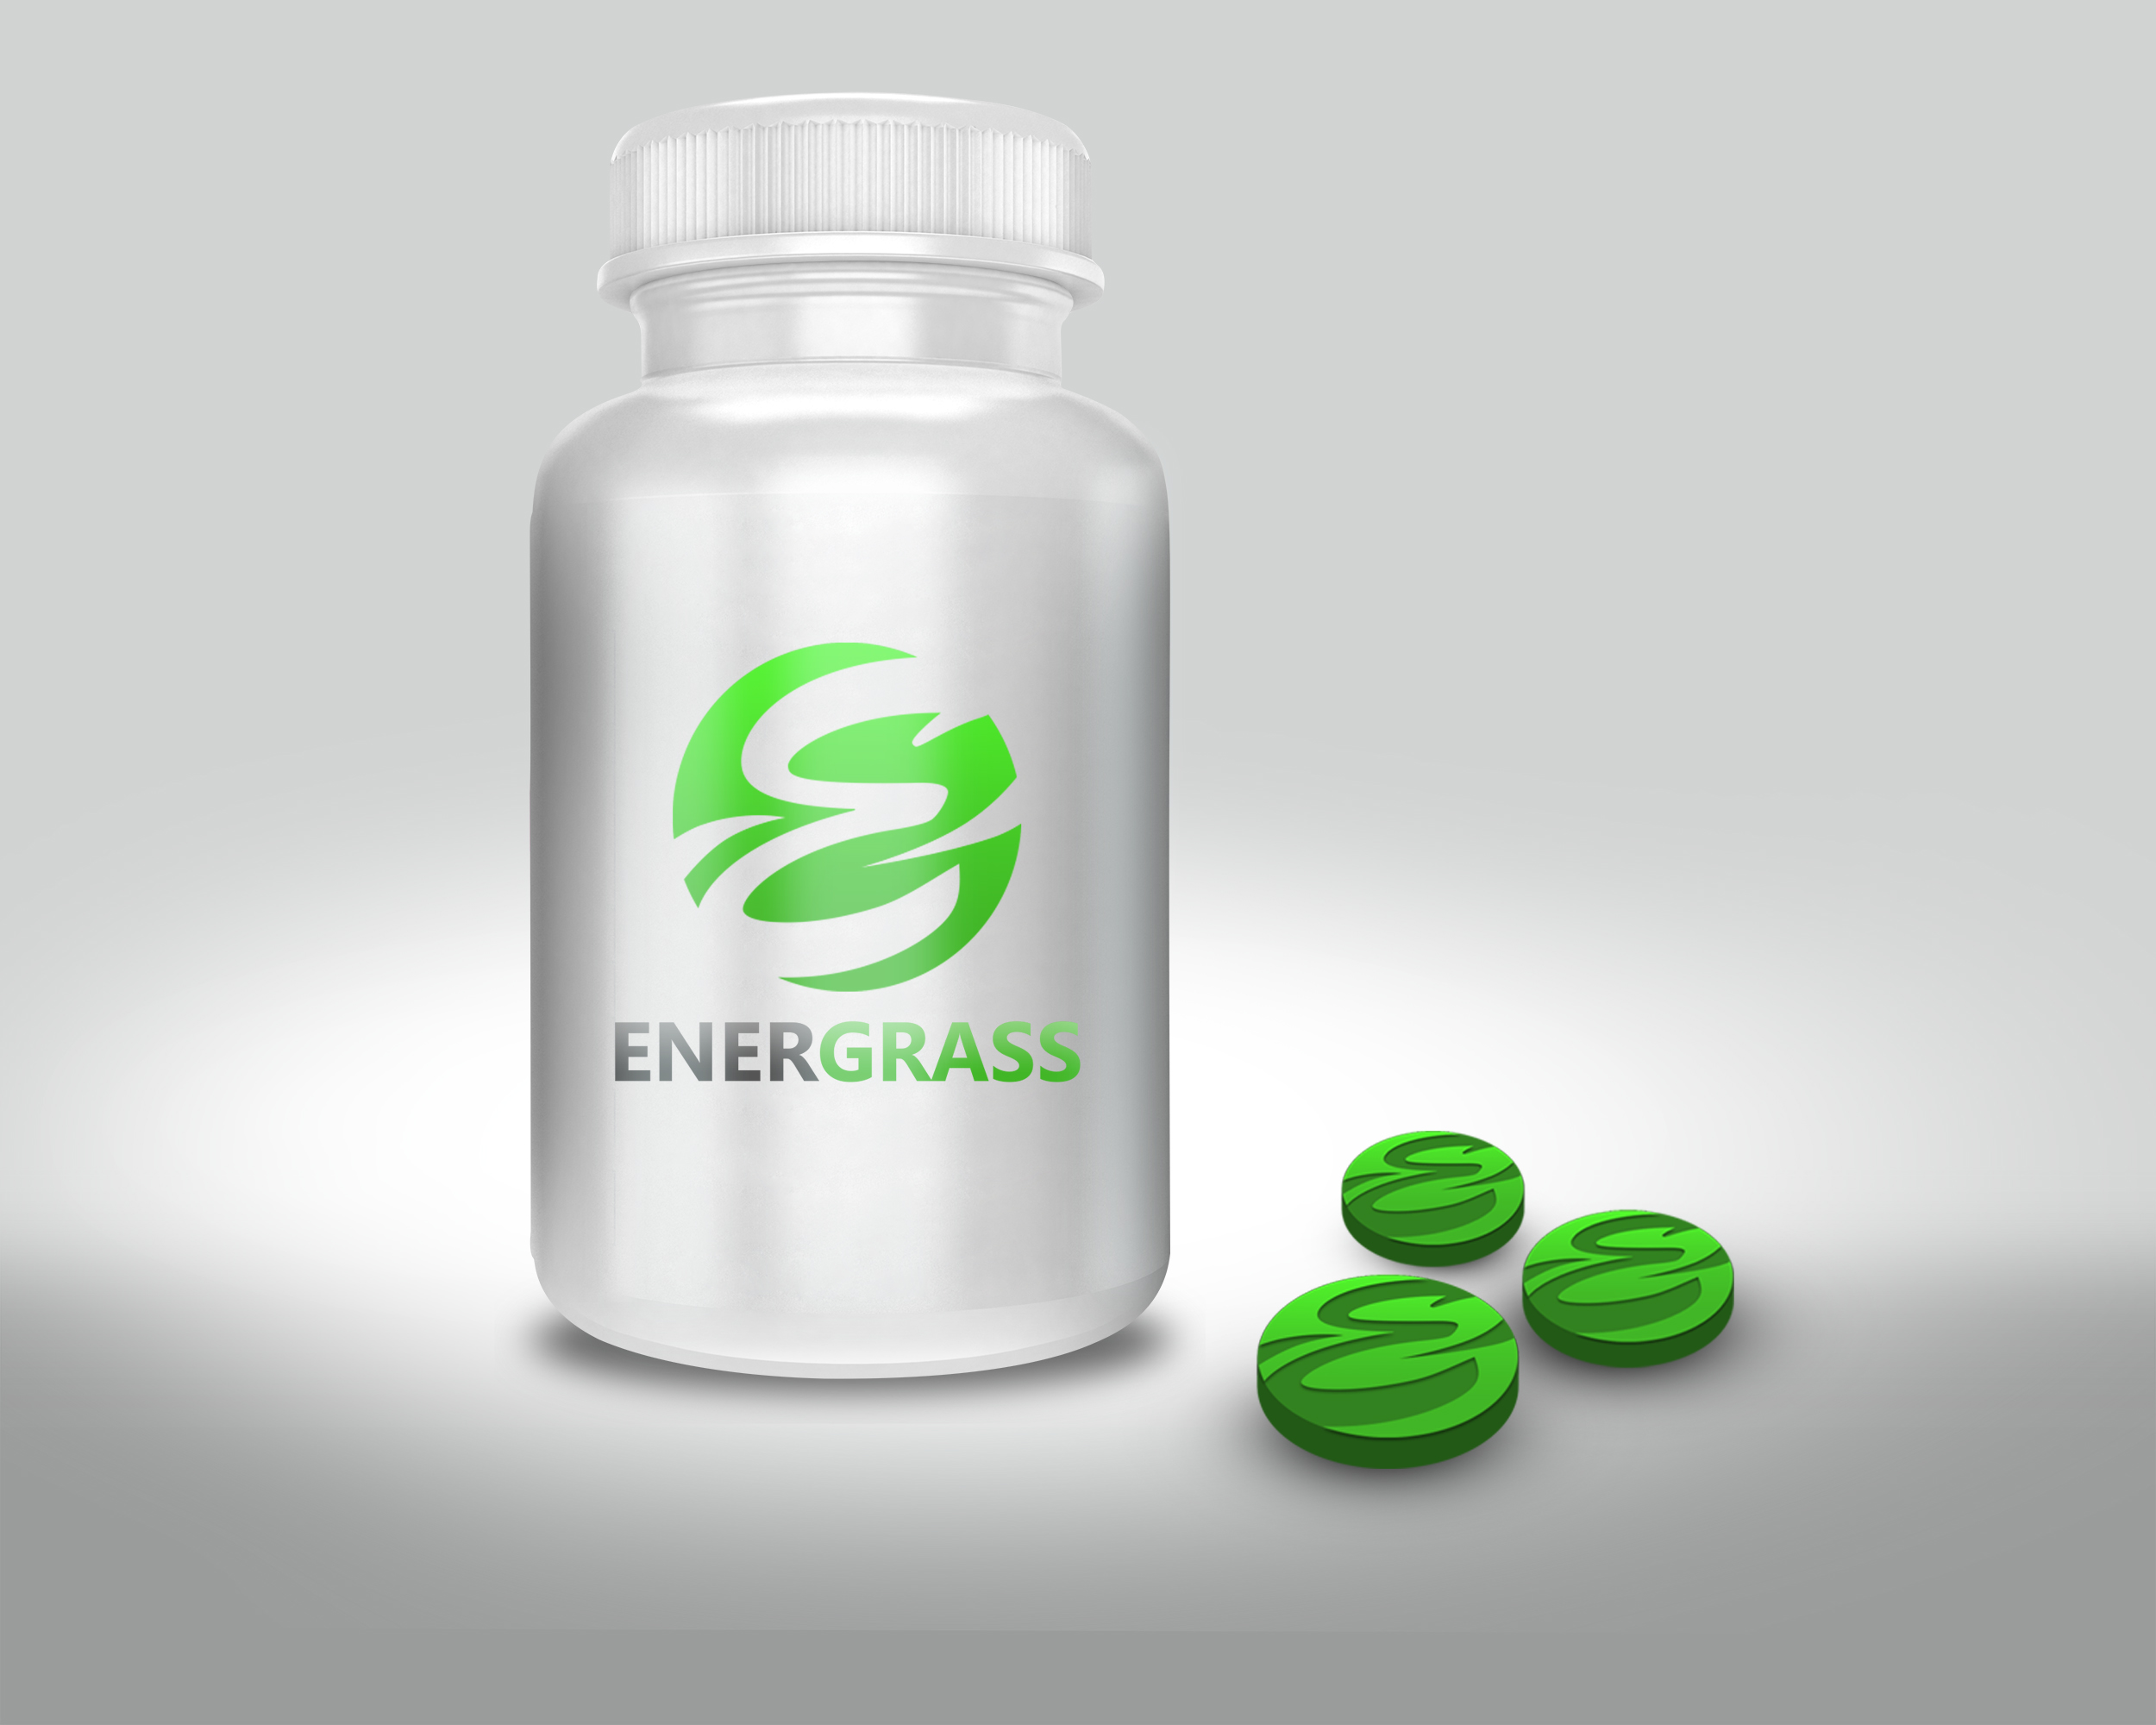 Графический дизайнер для создания логотипа Energrass. фото f_1675f86bc32cdf78.jpg